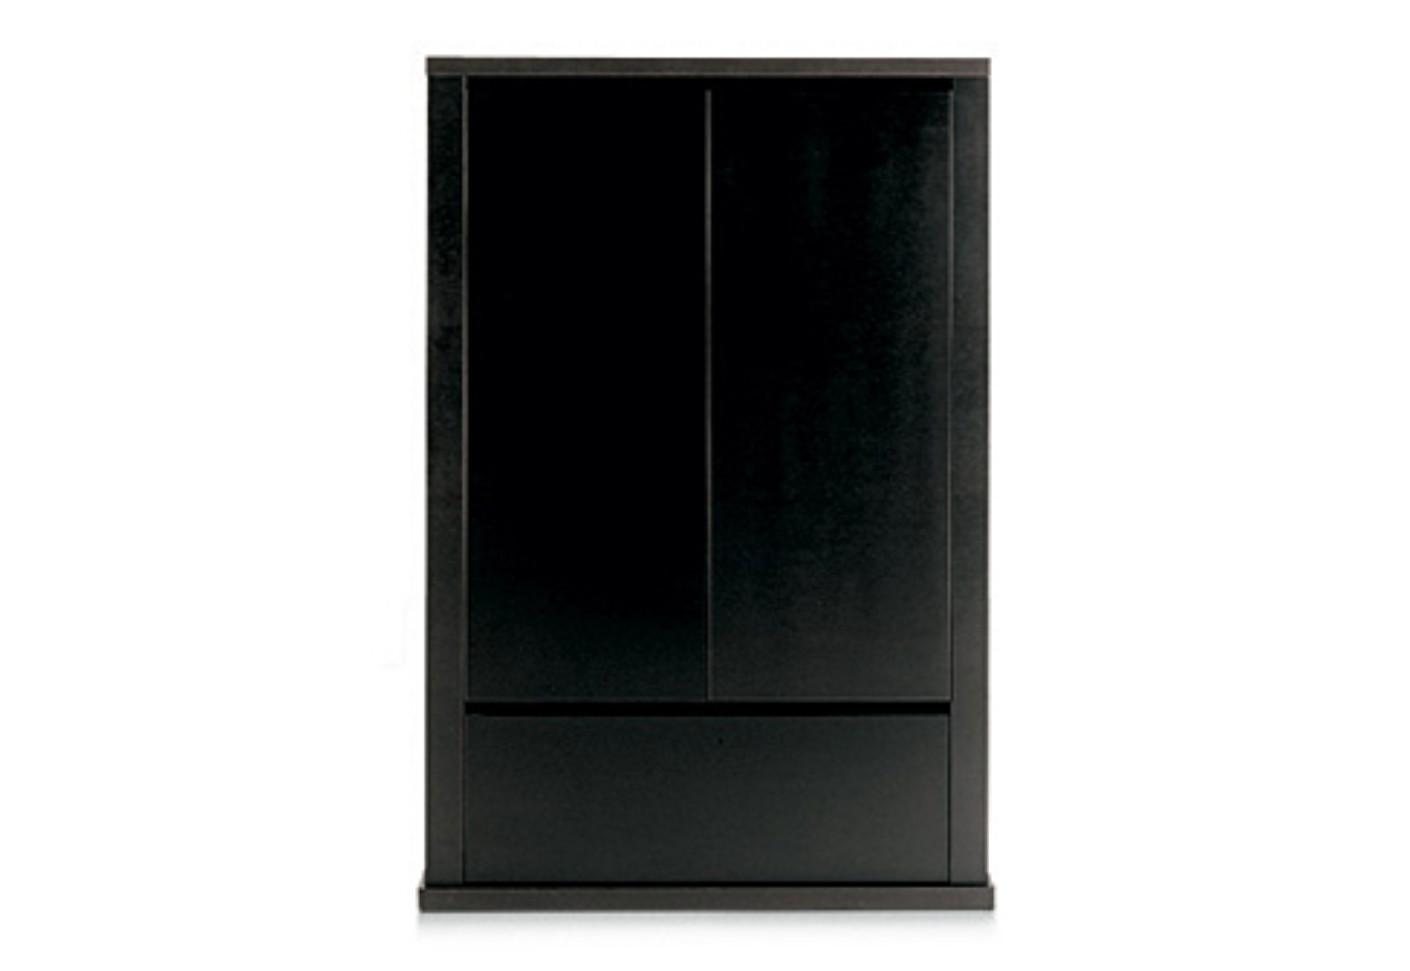 teia schrank von poliform stylepark. Black Bedroom Furniture Sets. Home Design Ideas